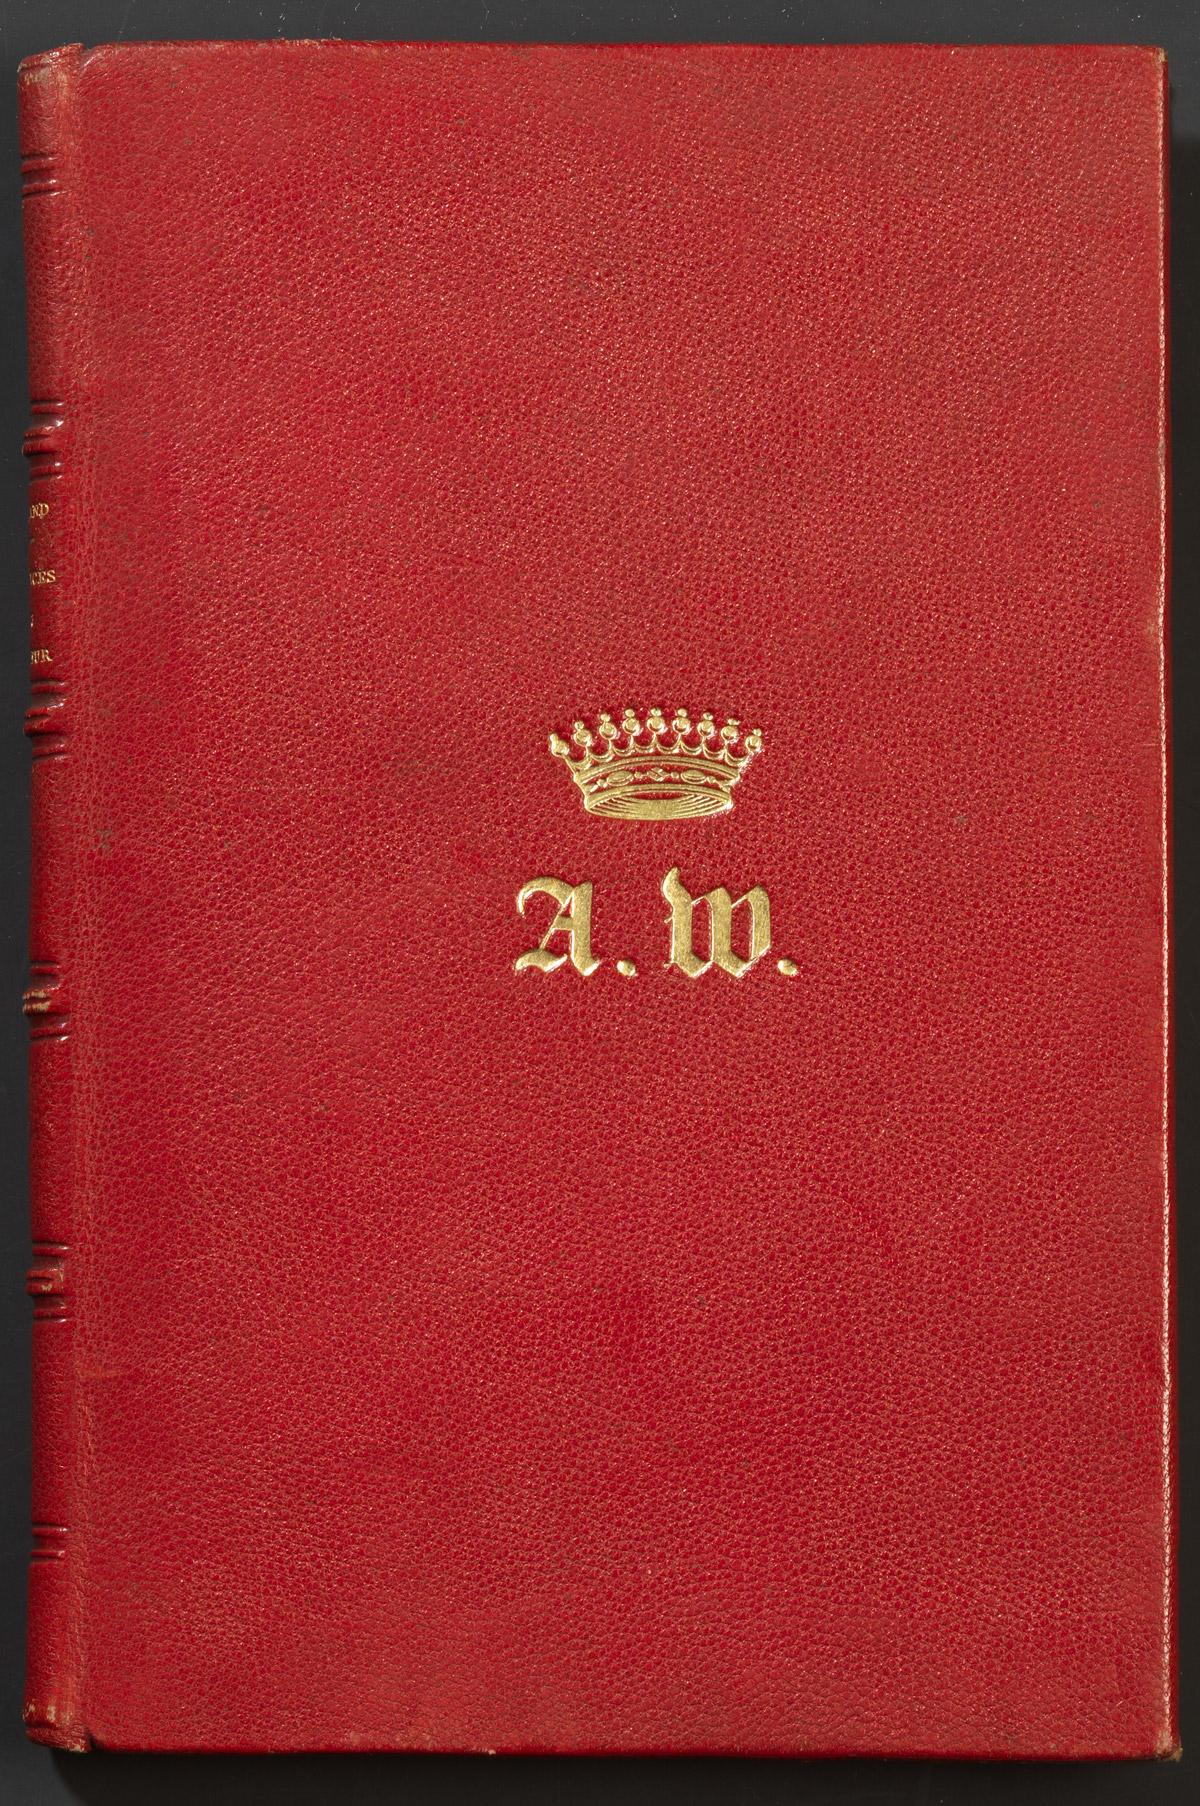 Reliures au chiffre d'Alexandre Colonna Walewski - Patrimoine Charles-André COLONNA WALEWSKI, en ligne directe de Napoléon